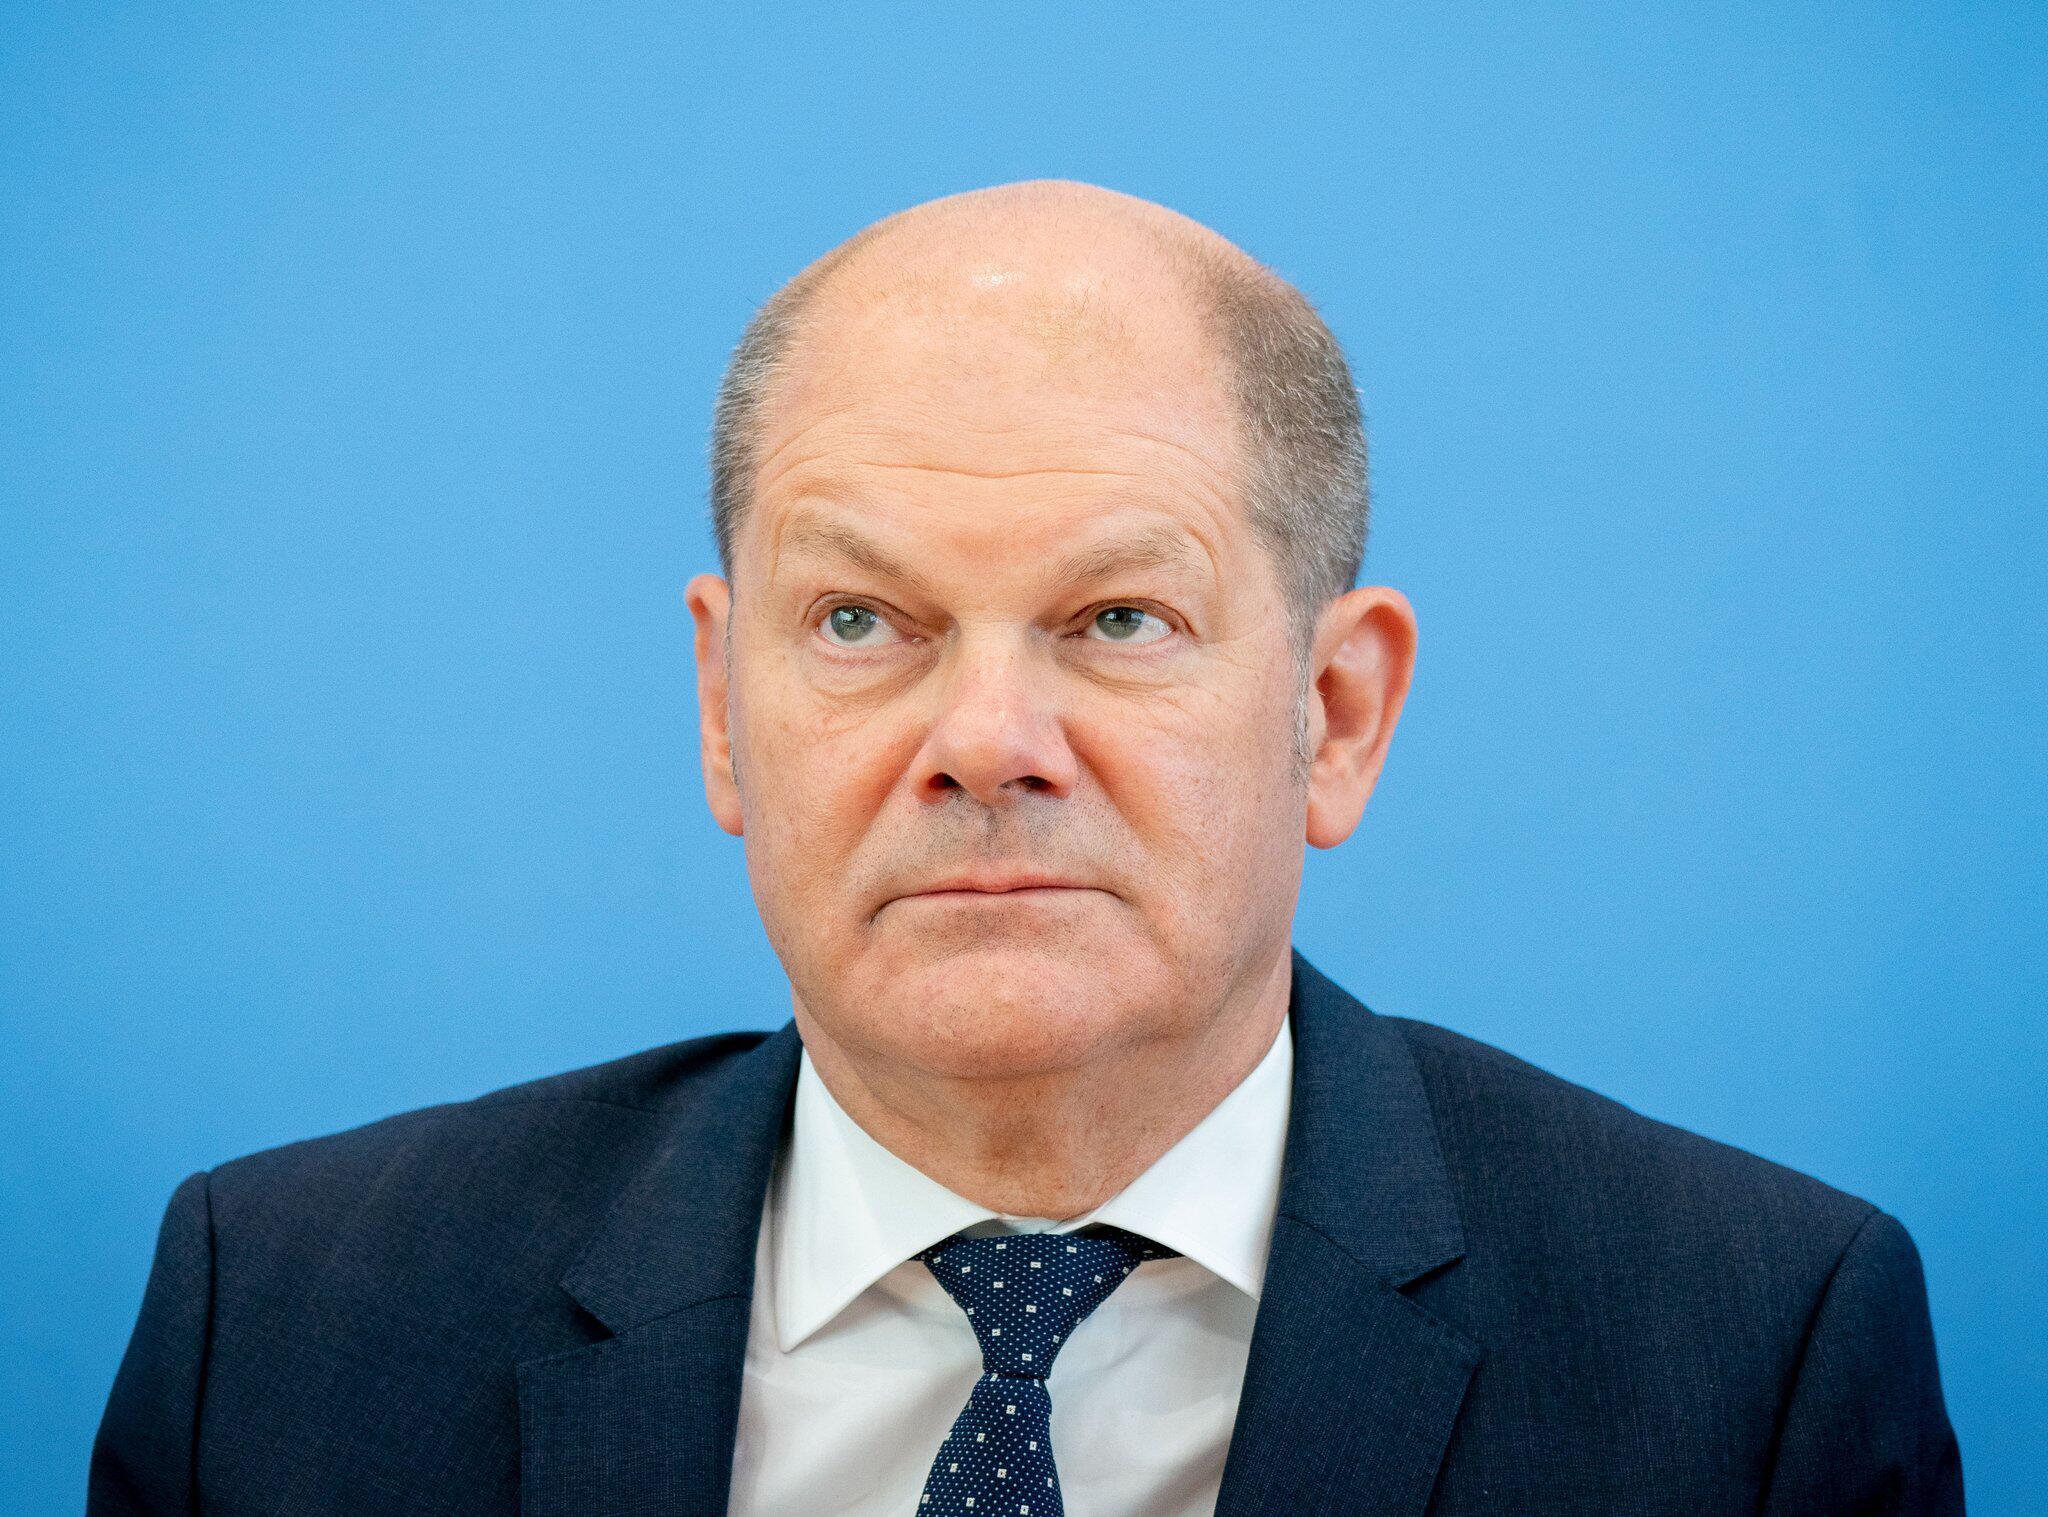 Bild zu Candidates for SPD chairmanship - Scholz